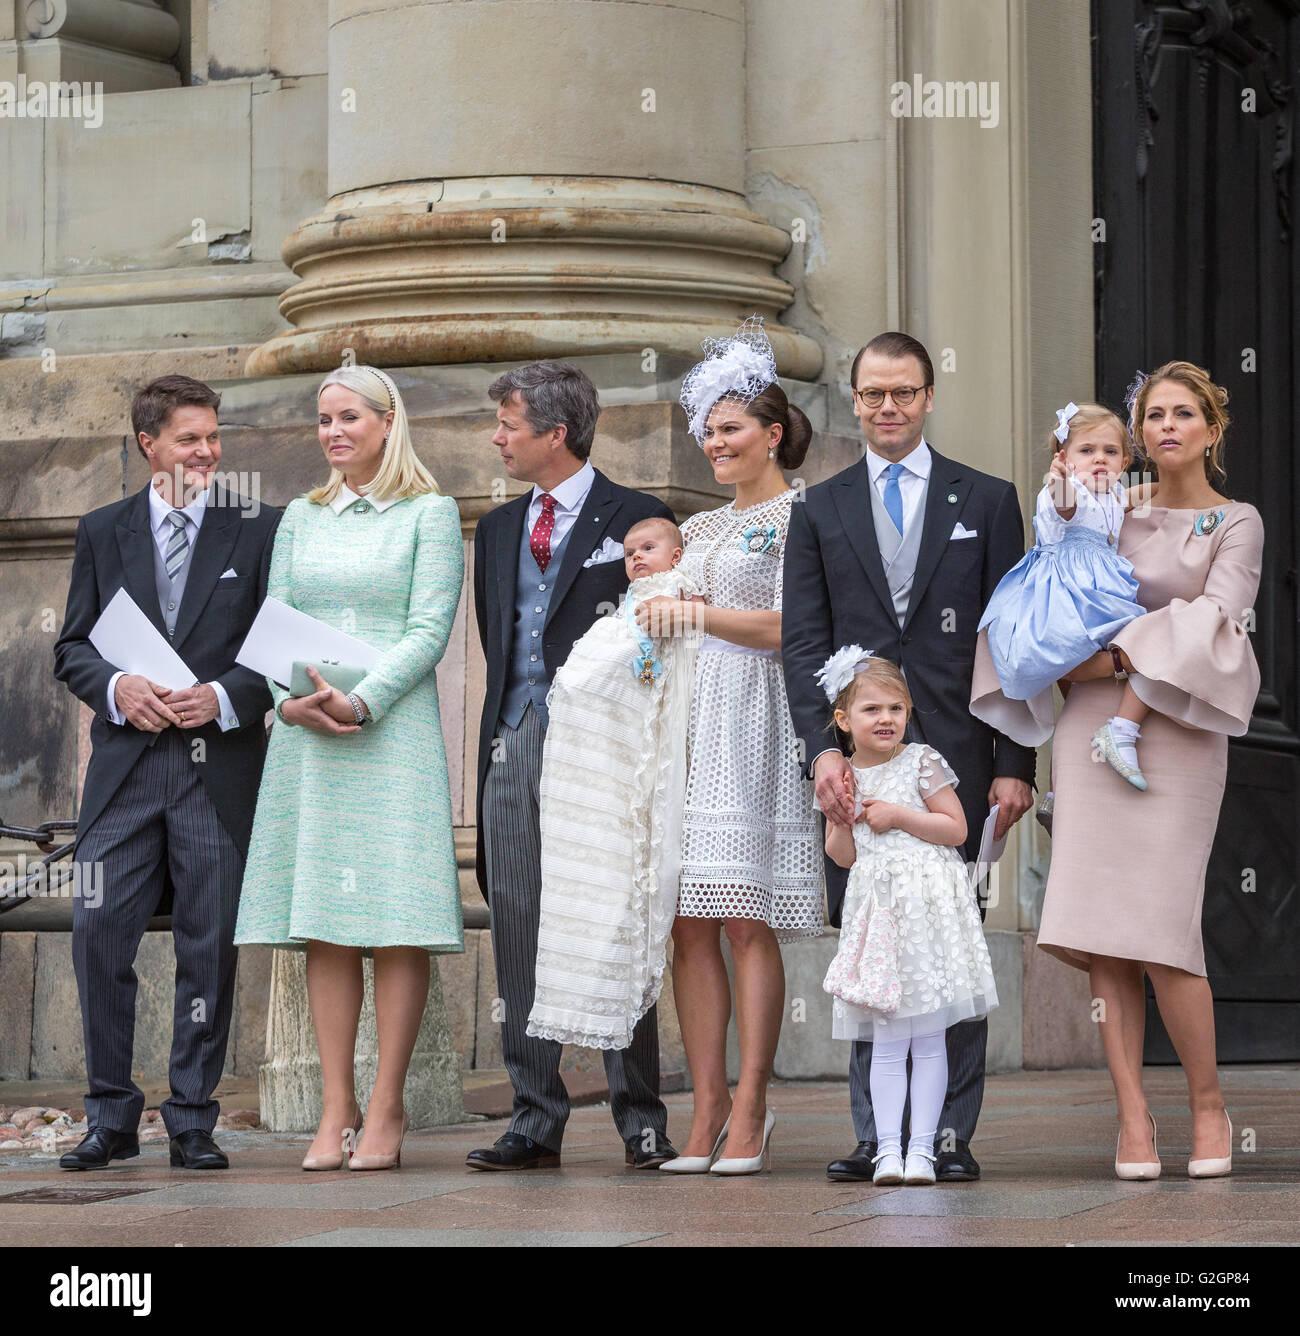 El bautismo real en Suecia Mayo 2016 - El Príncipe Óscar de Suecia. La familia más cercana con los Imagen De Stock